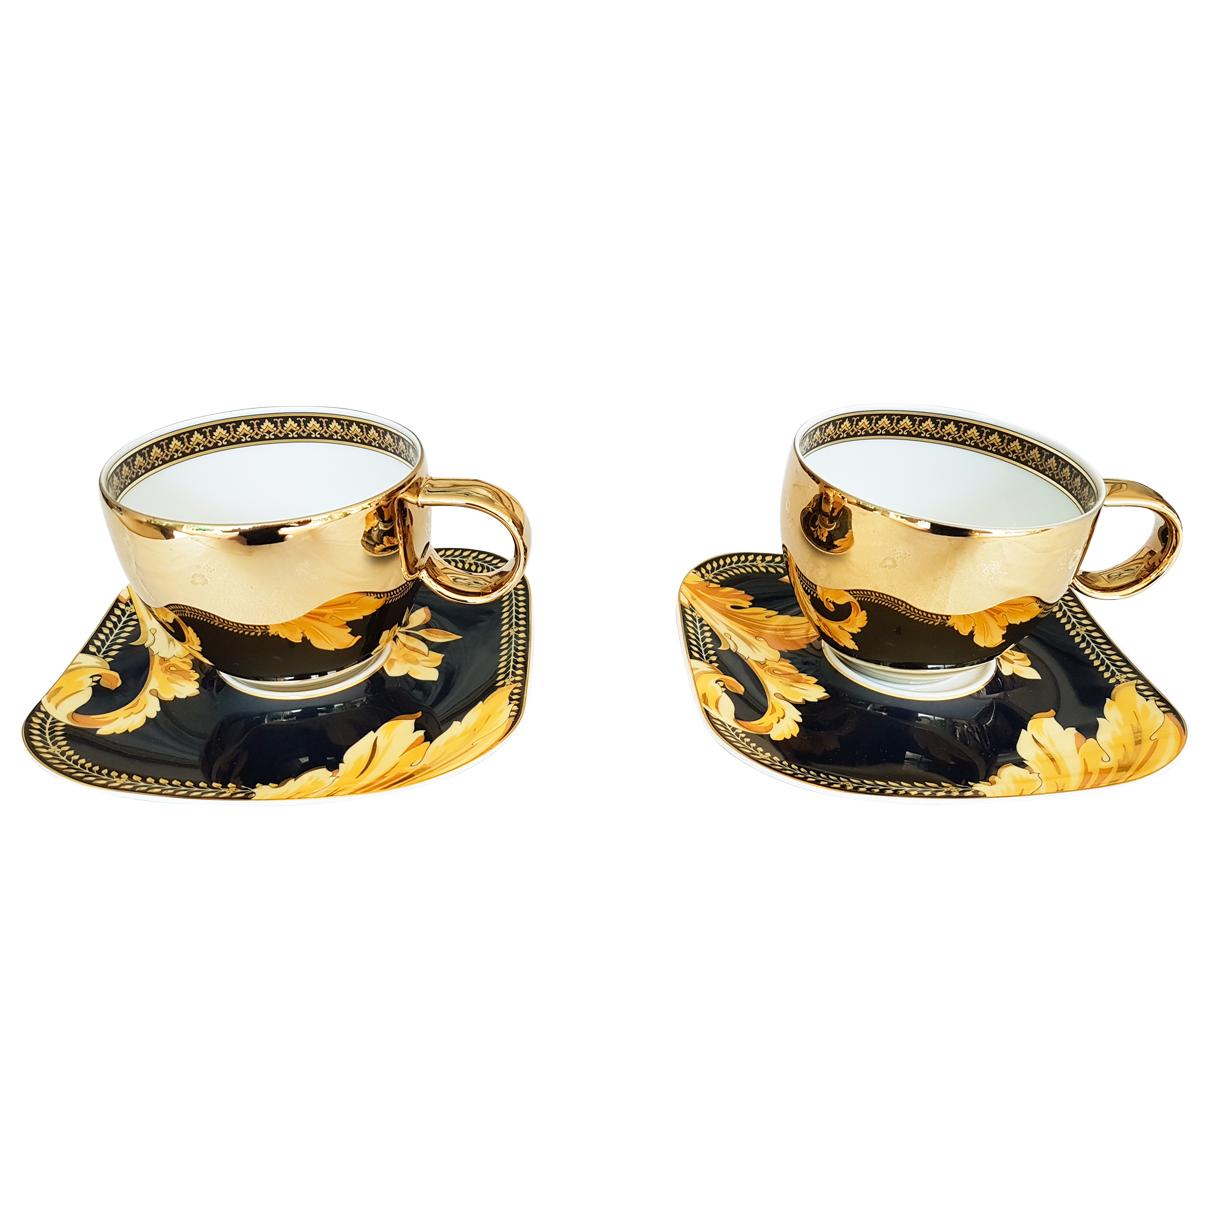 Juego de te/cafe de Porcelana Versace